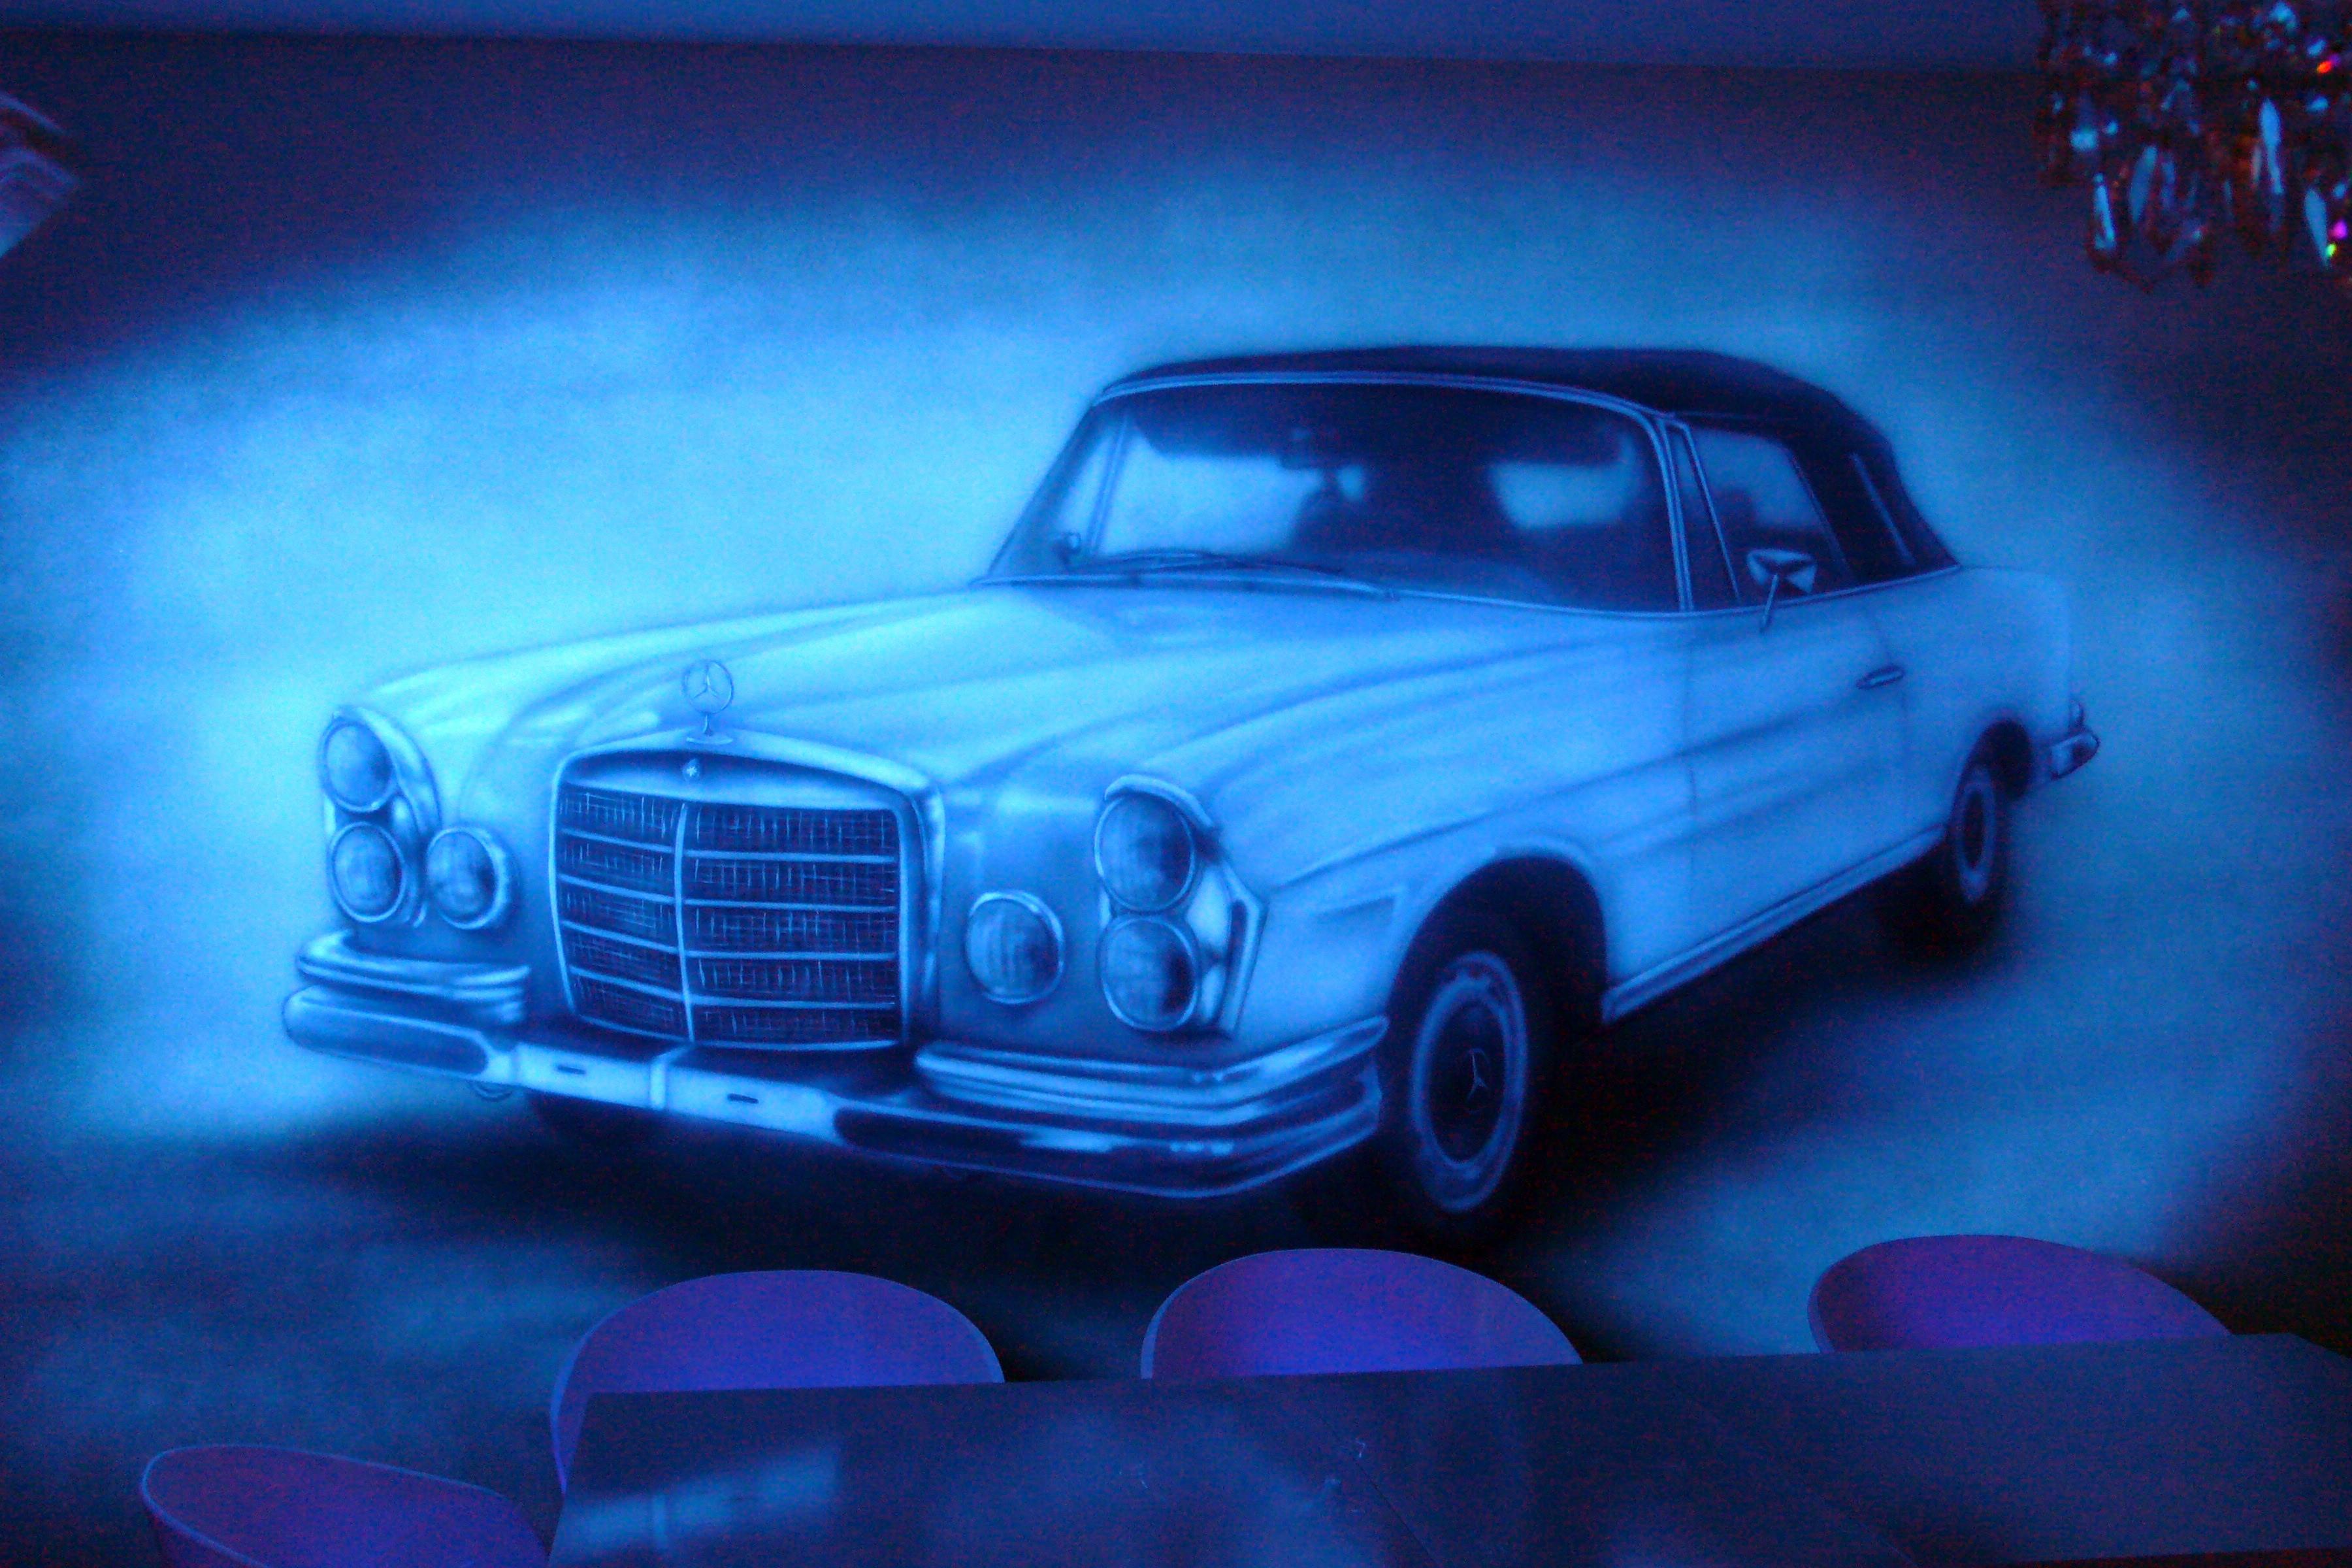 Malowanie obrazu farbami UV, mural w ultrafiolecie